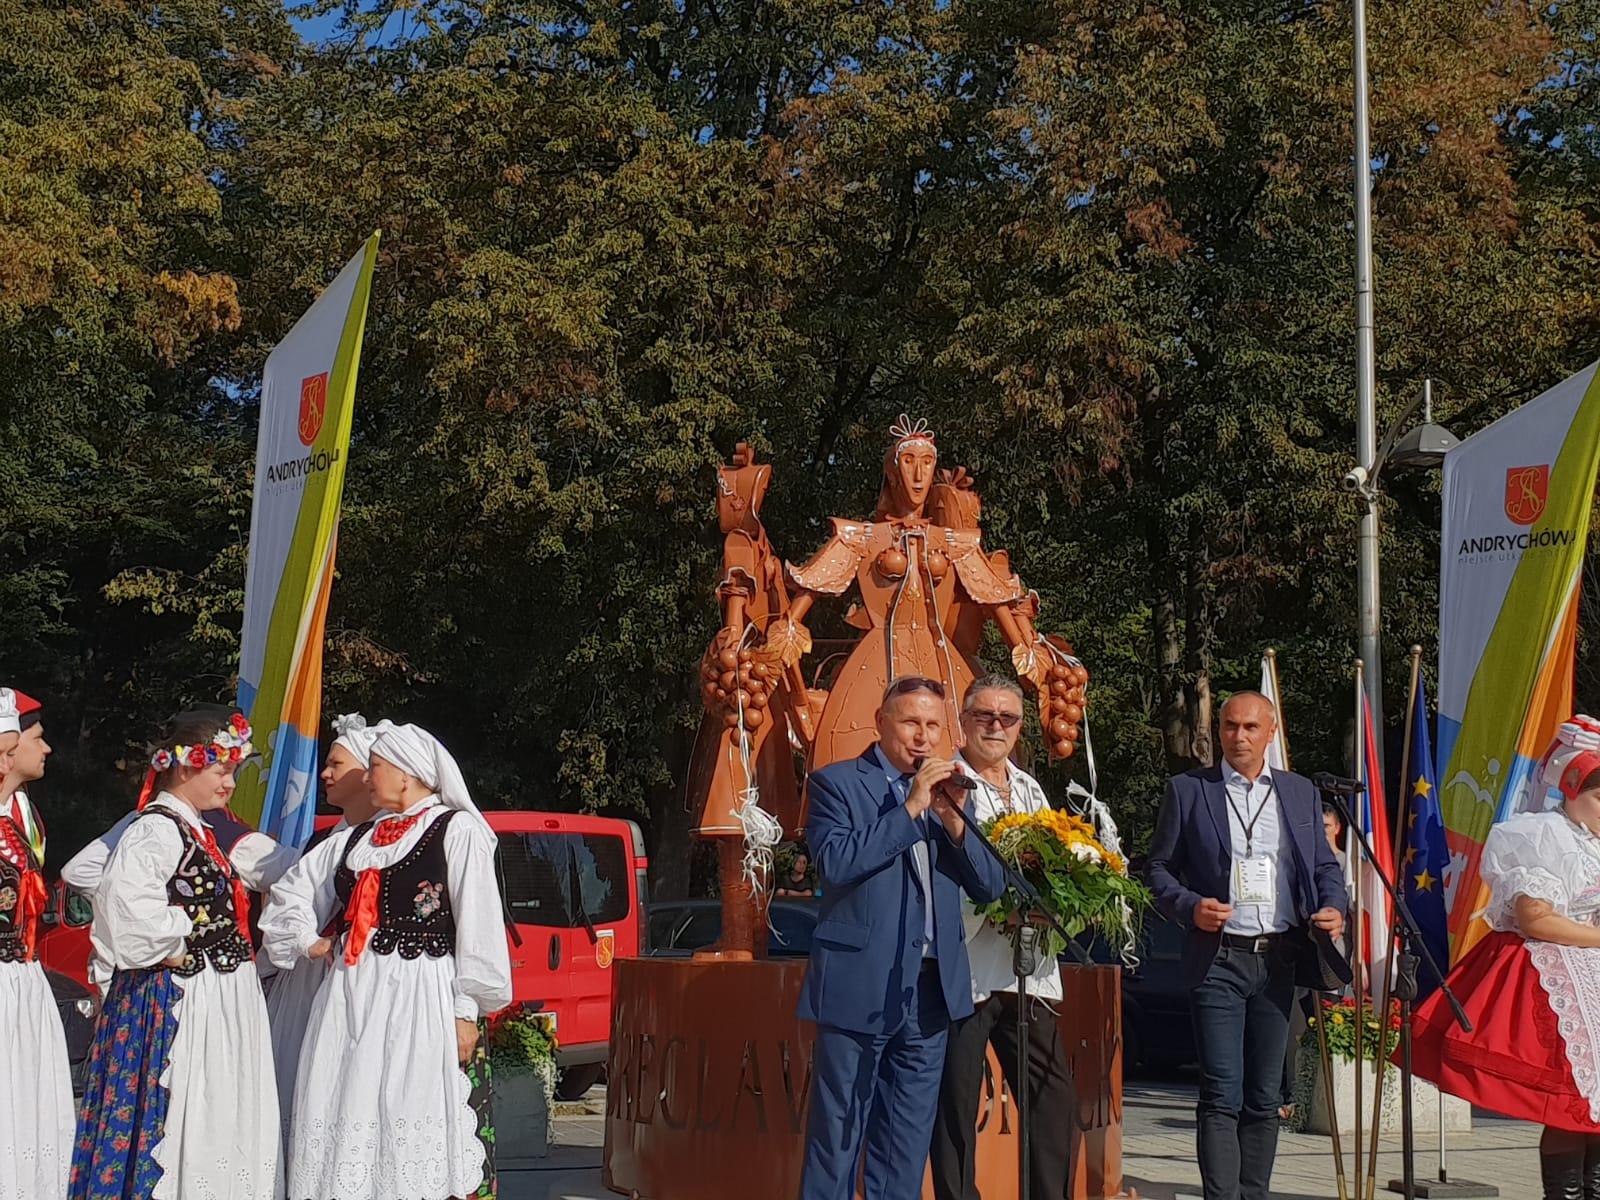 Czeska rzeźba odsłonięta w centrum Andrychowa [FOTO]